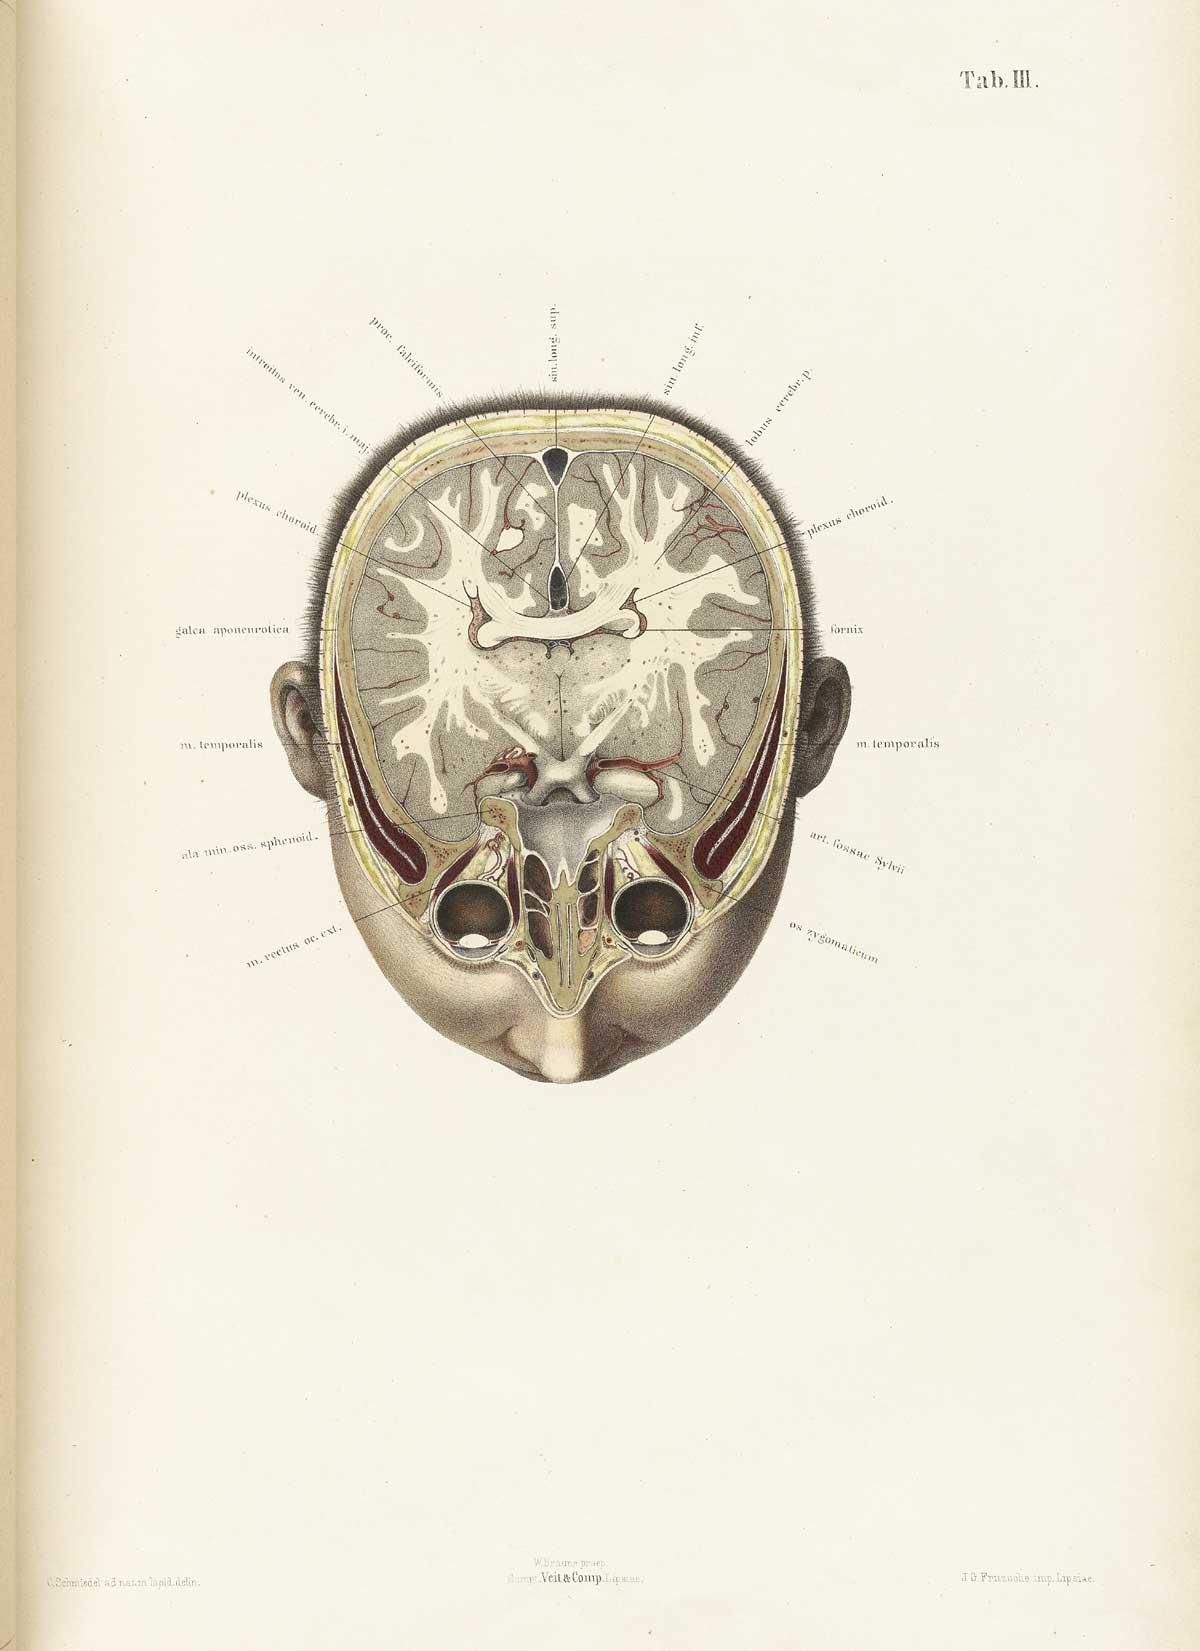 http://www.nlm.nih.gov/exhibition/historicalanatomies/Images/1200_pixels/braune03.jpg